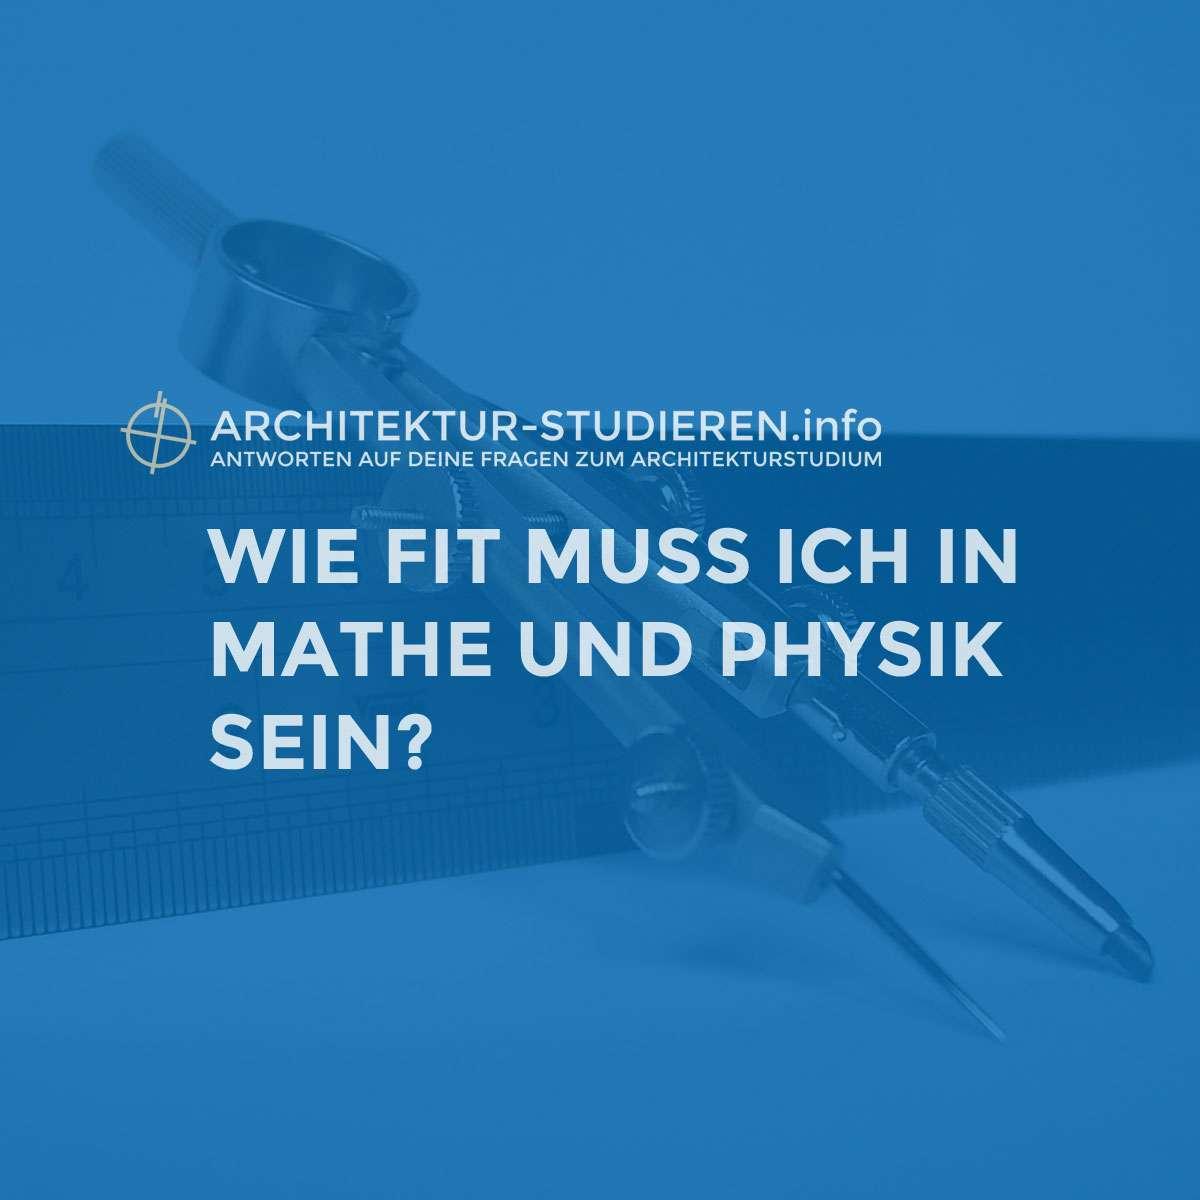 Voraussetzung Architekturstudium: Mathe und Physik